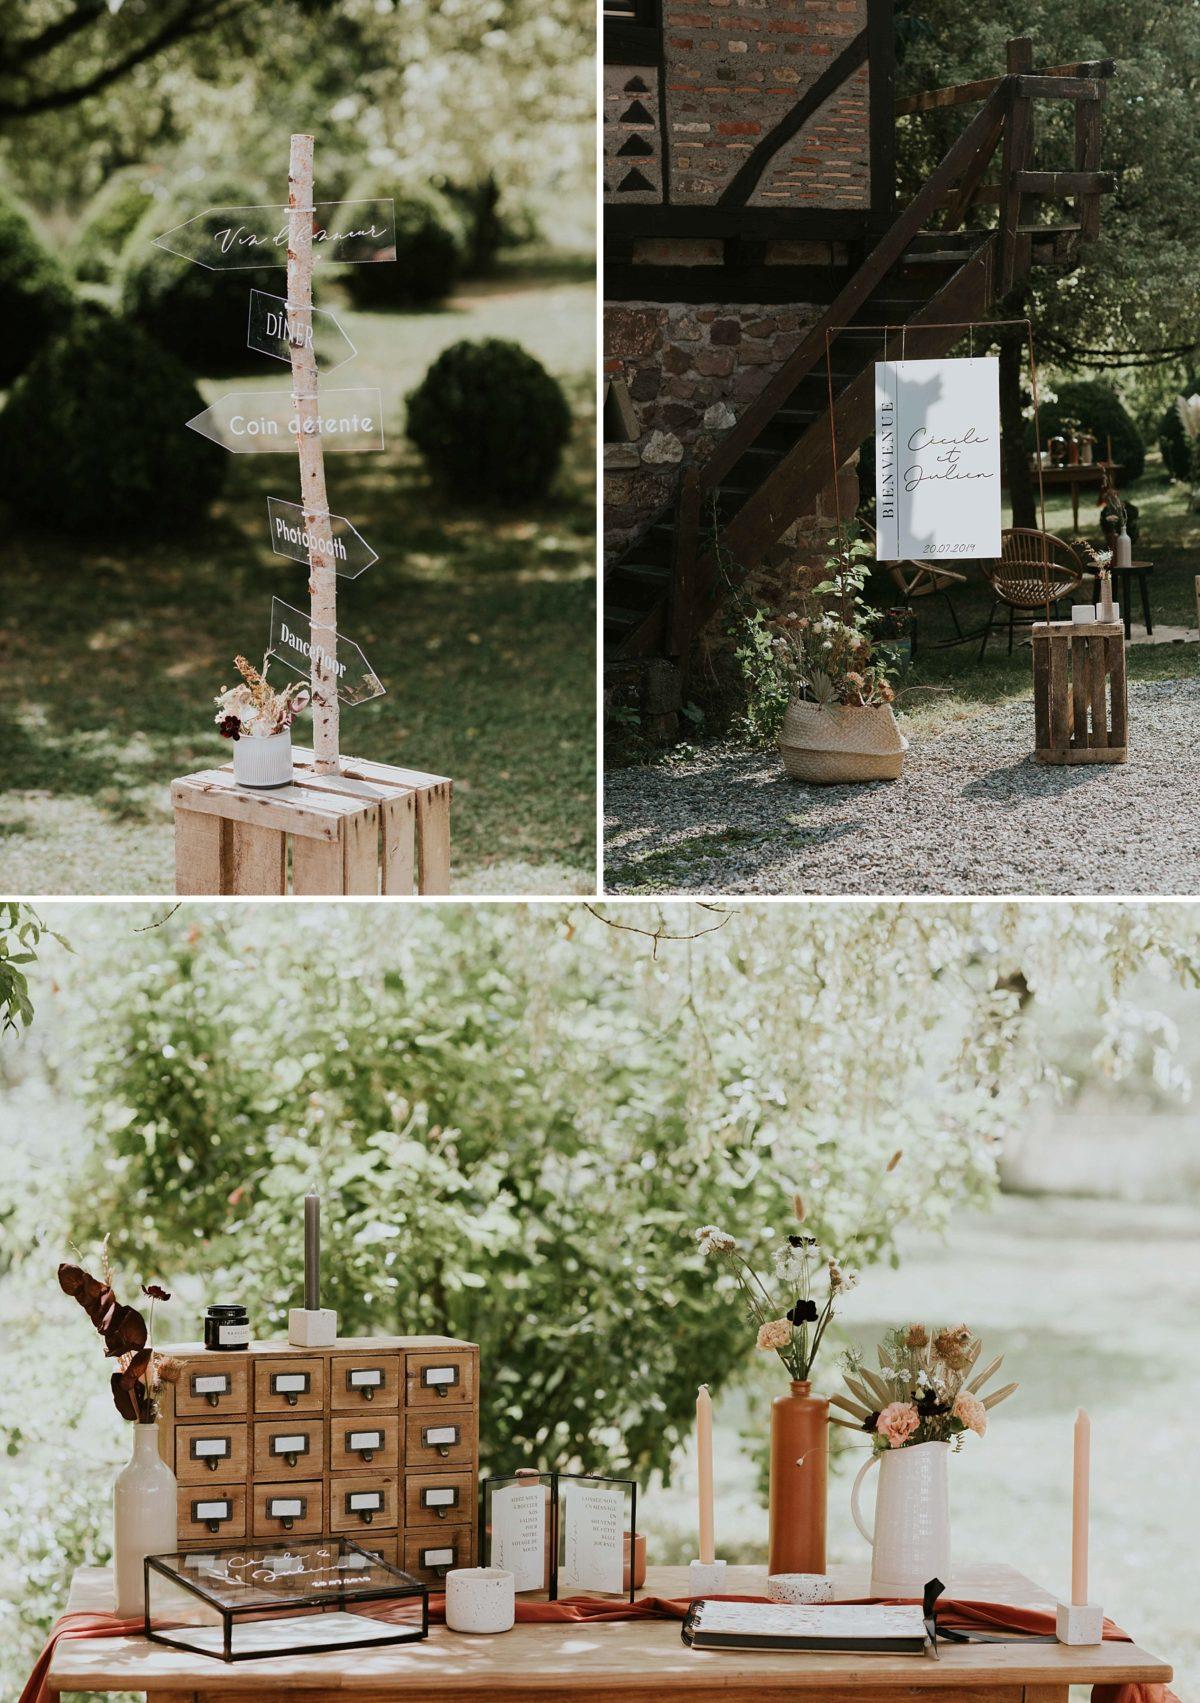 mariage moderne brique et terrazzo au domaine de saint loup en Alsace